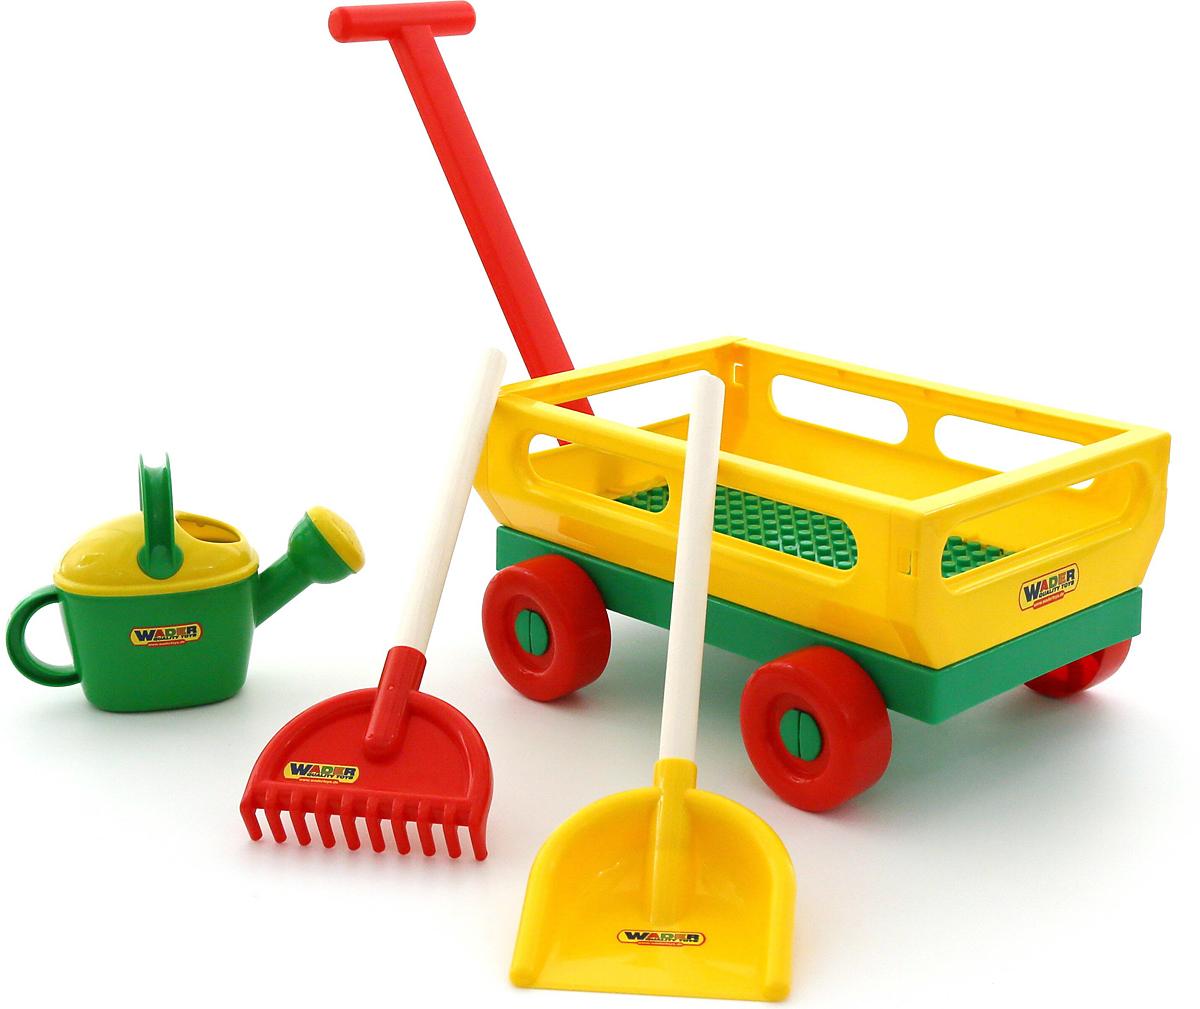 Полесье Набор игрушек для песочницы №482, цвет в ассортименте